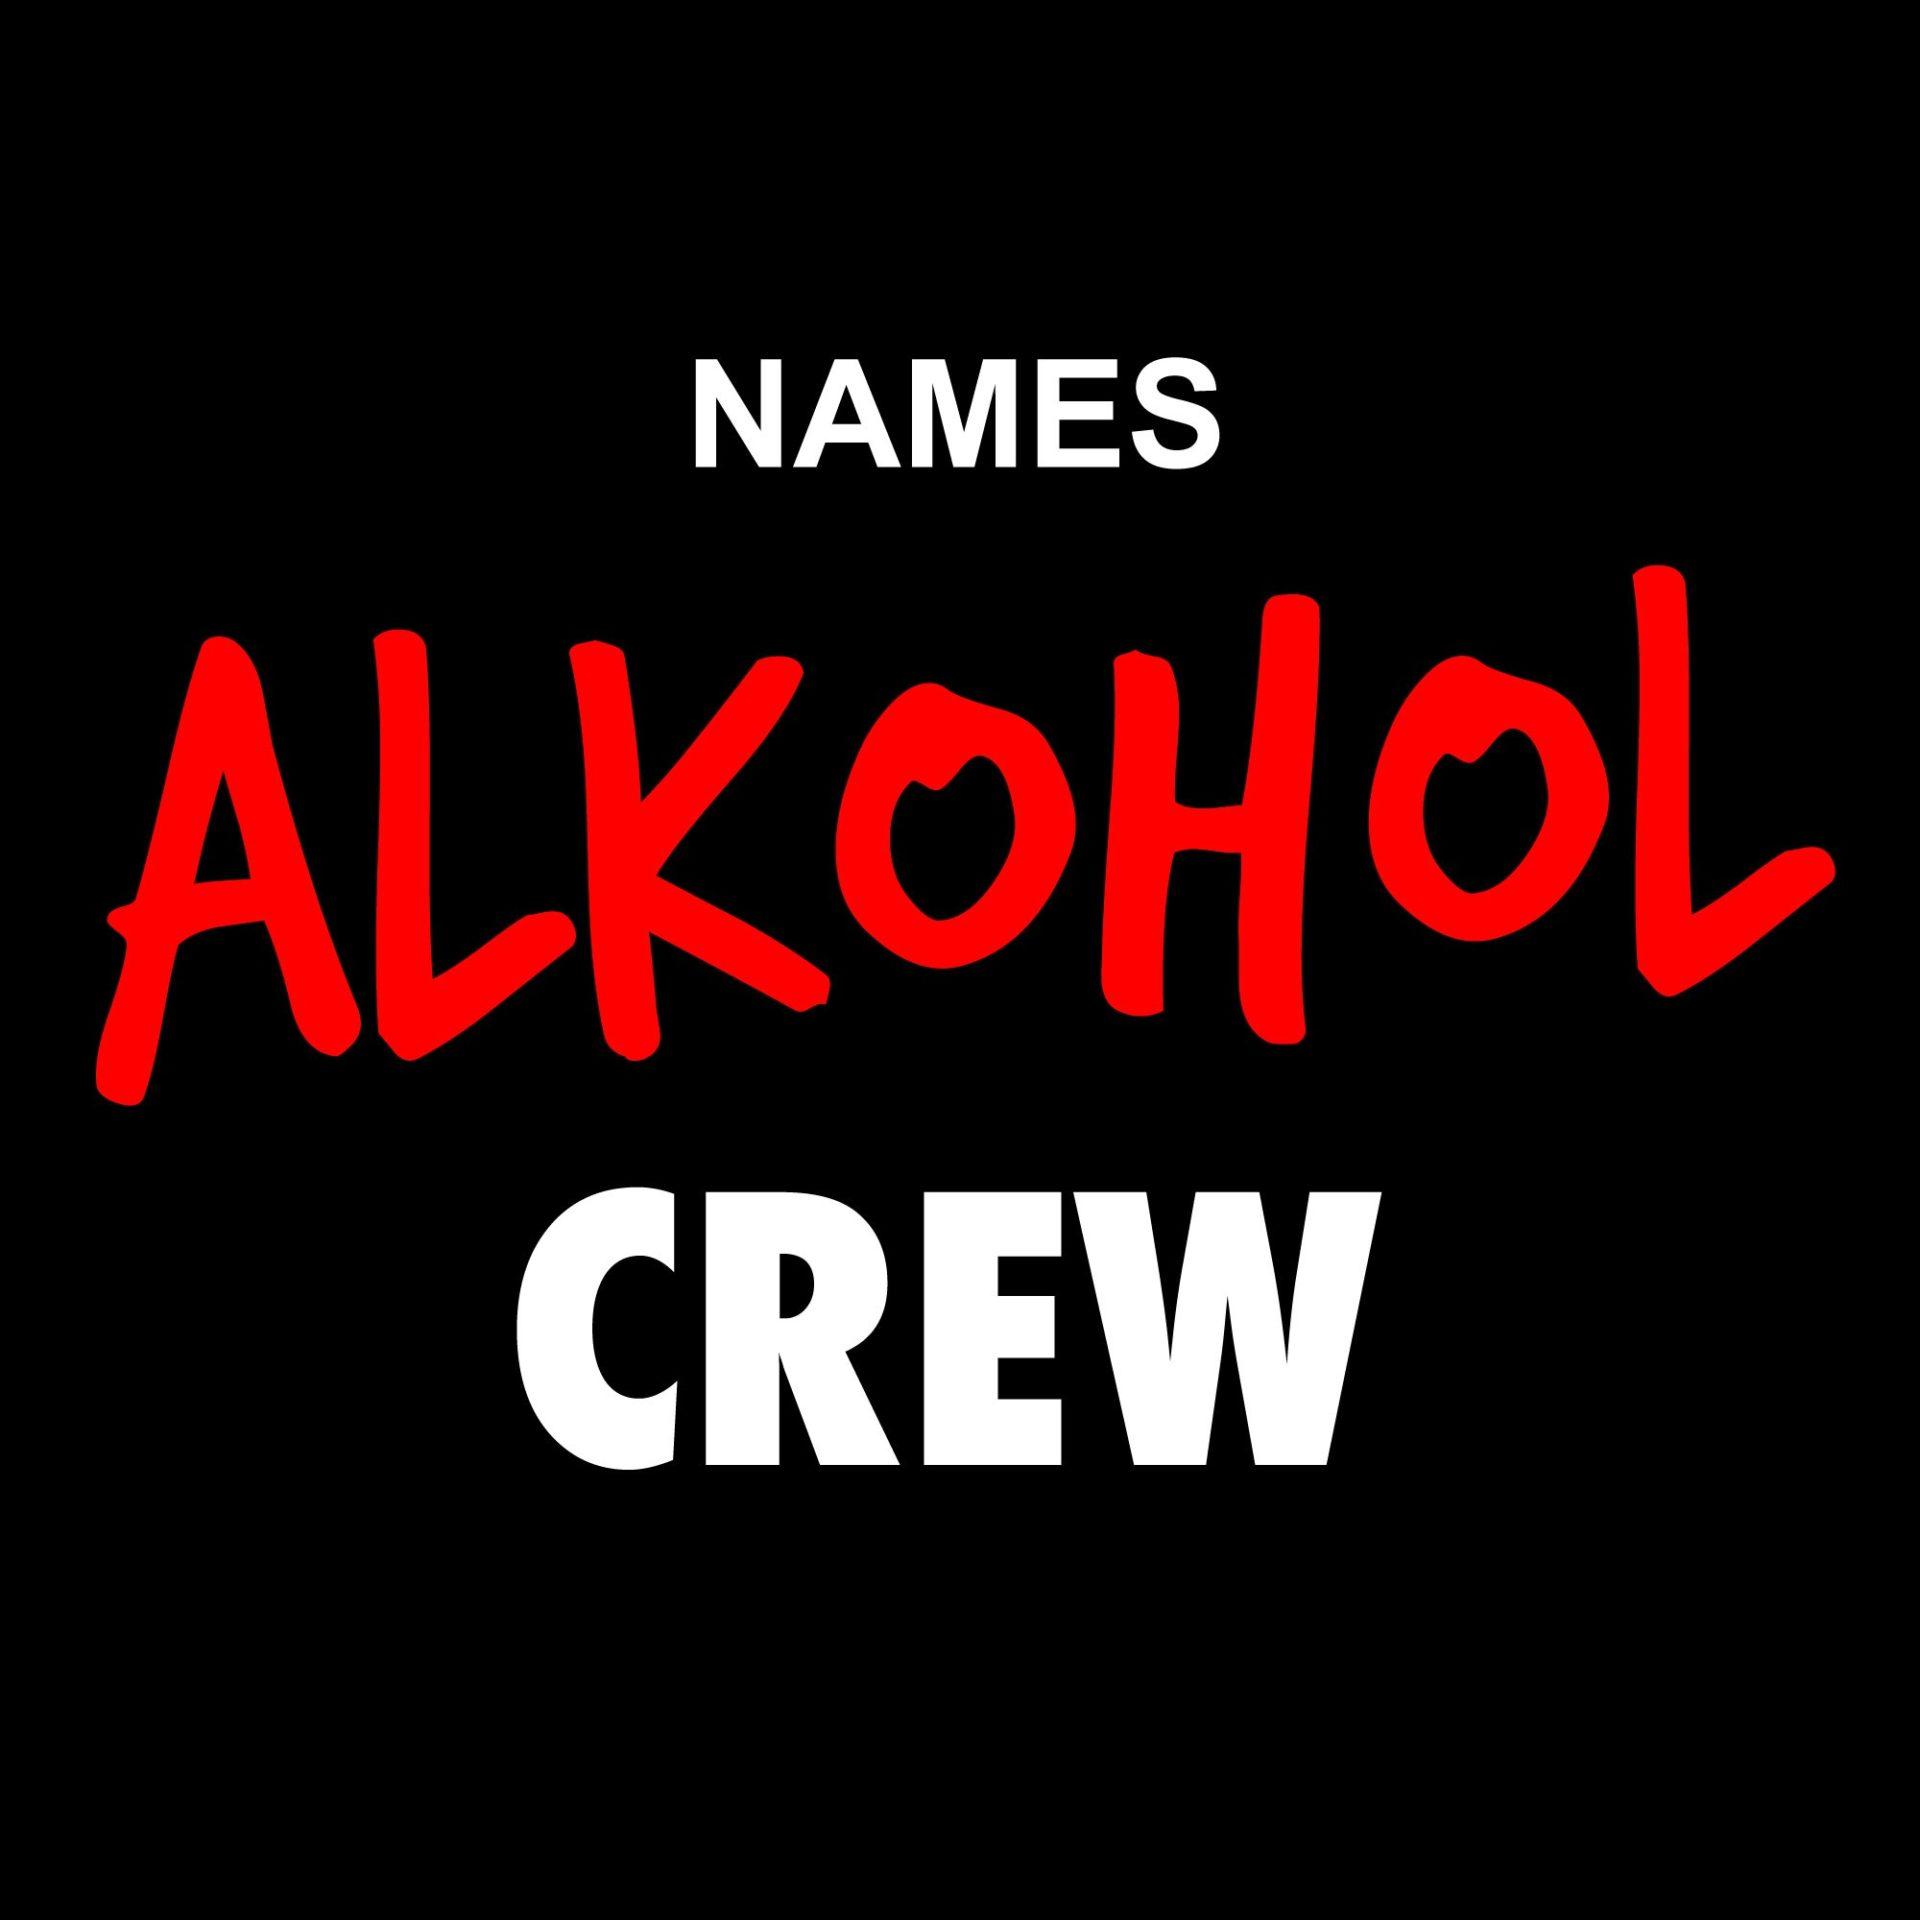 Alkohol-Crew-titelbild